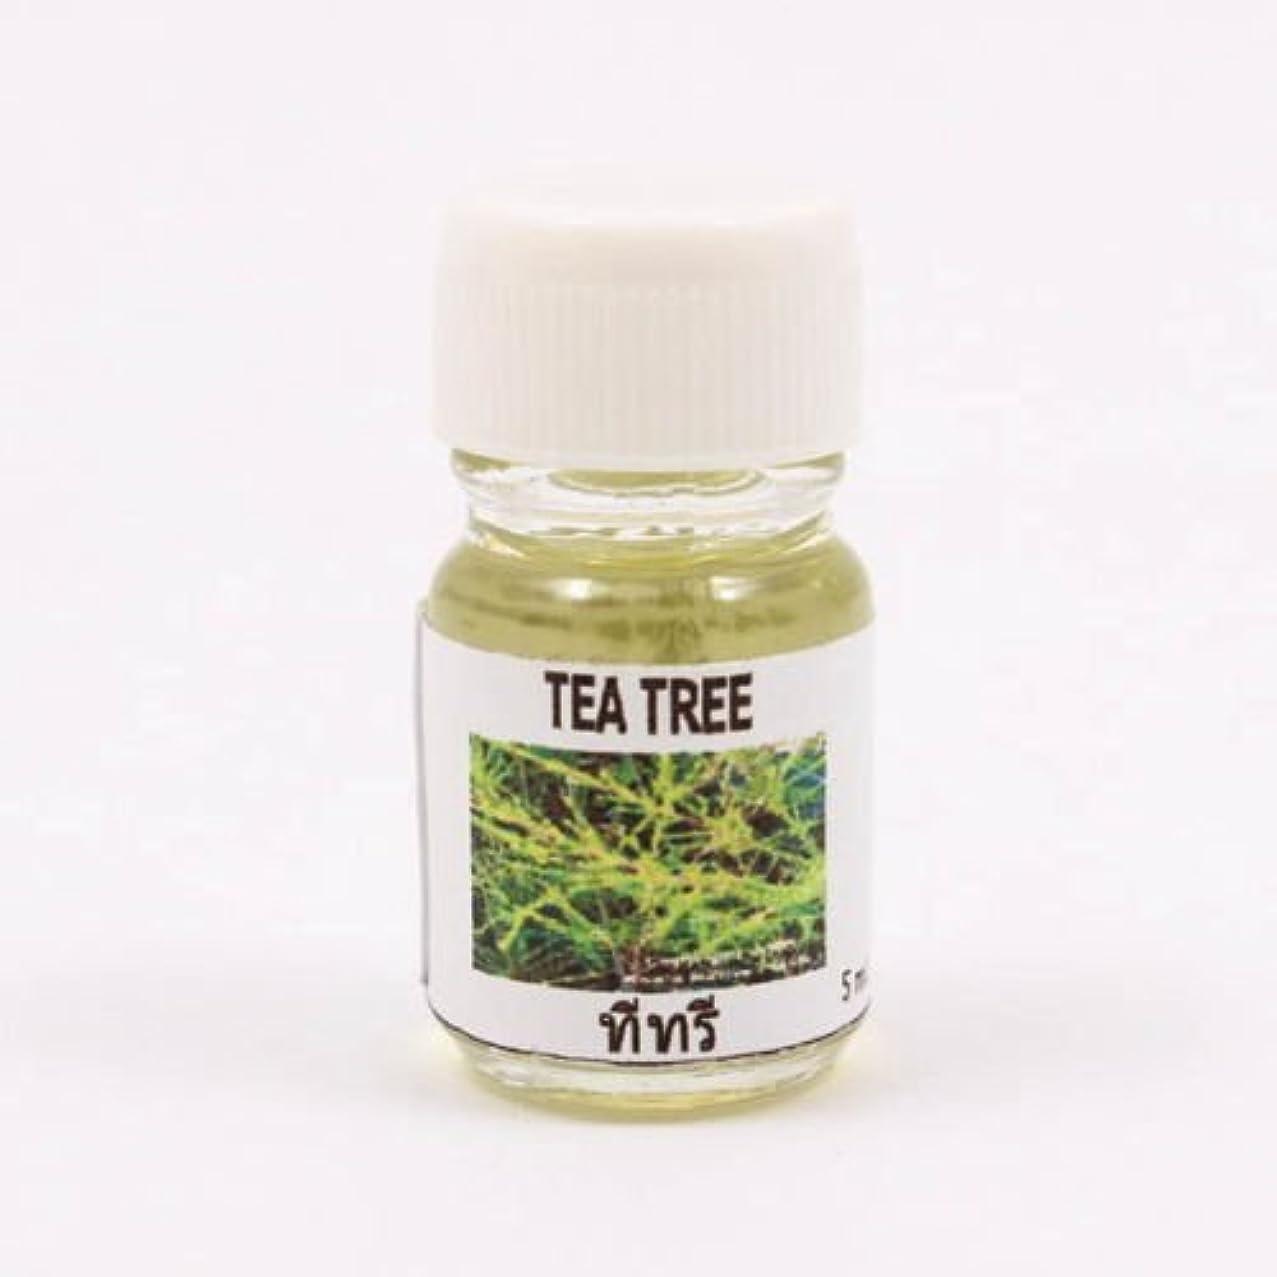 一杯アクセスできない失われた6X Tea Tree Aroma Fragrance Essential Oil 5ML (cc) Diffuser Burner Therapy